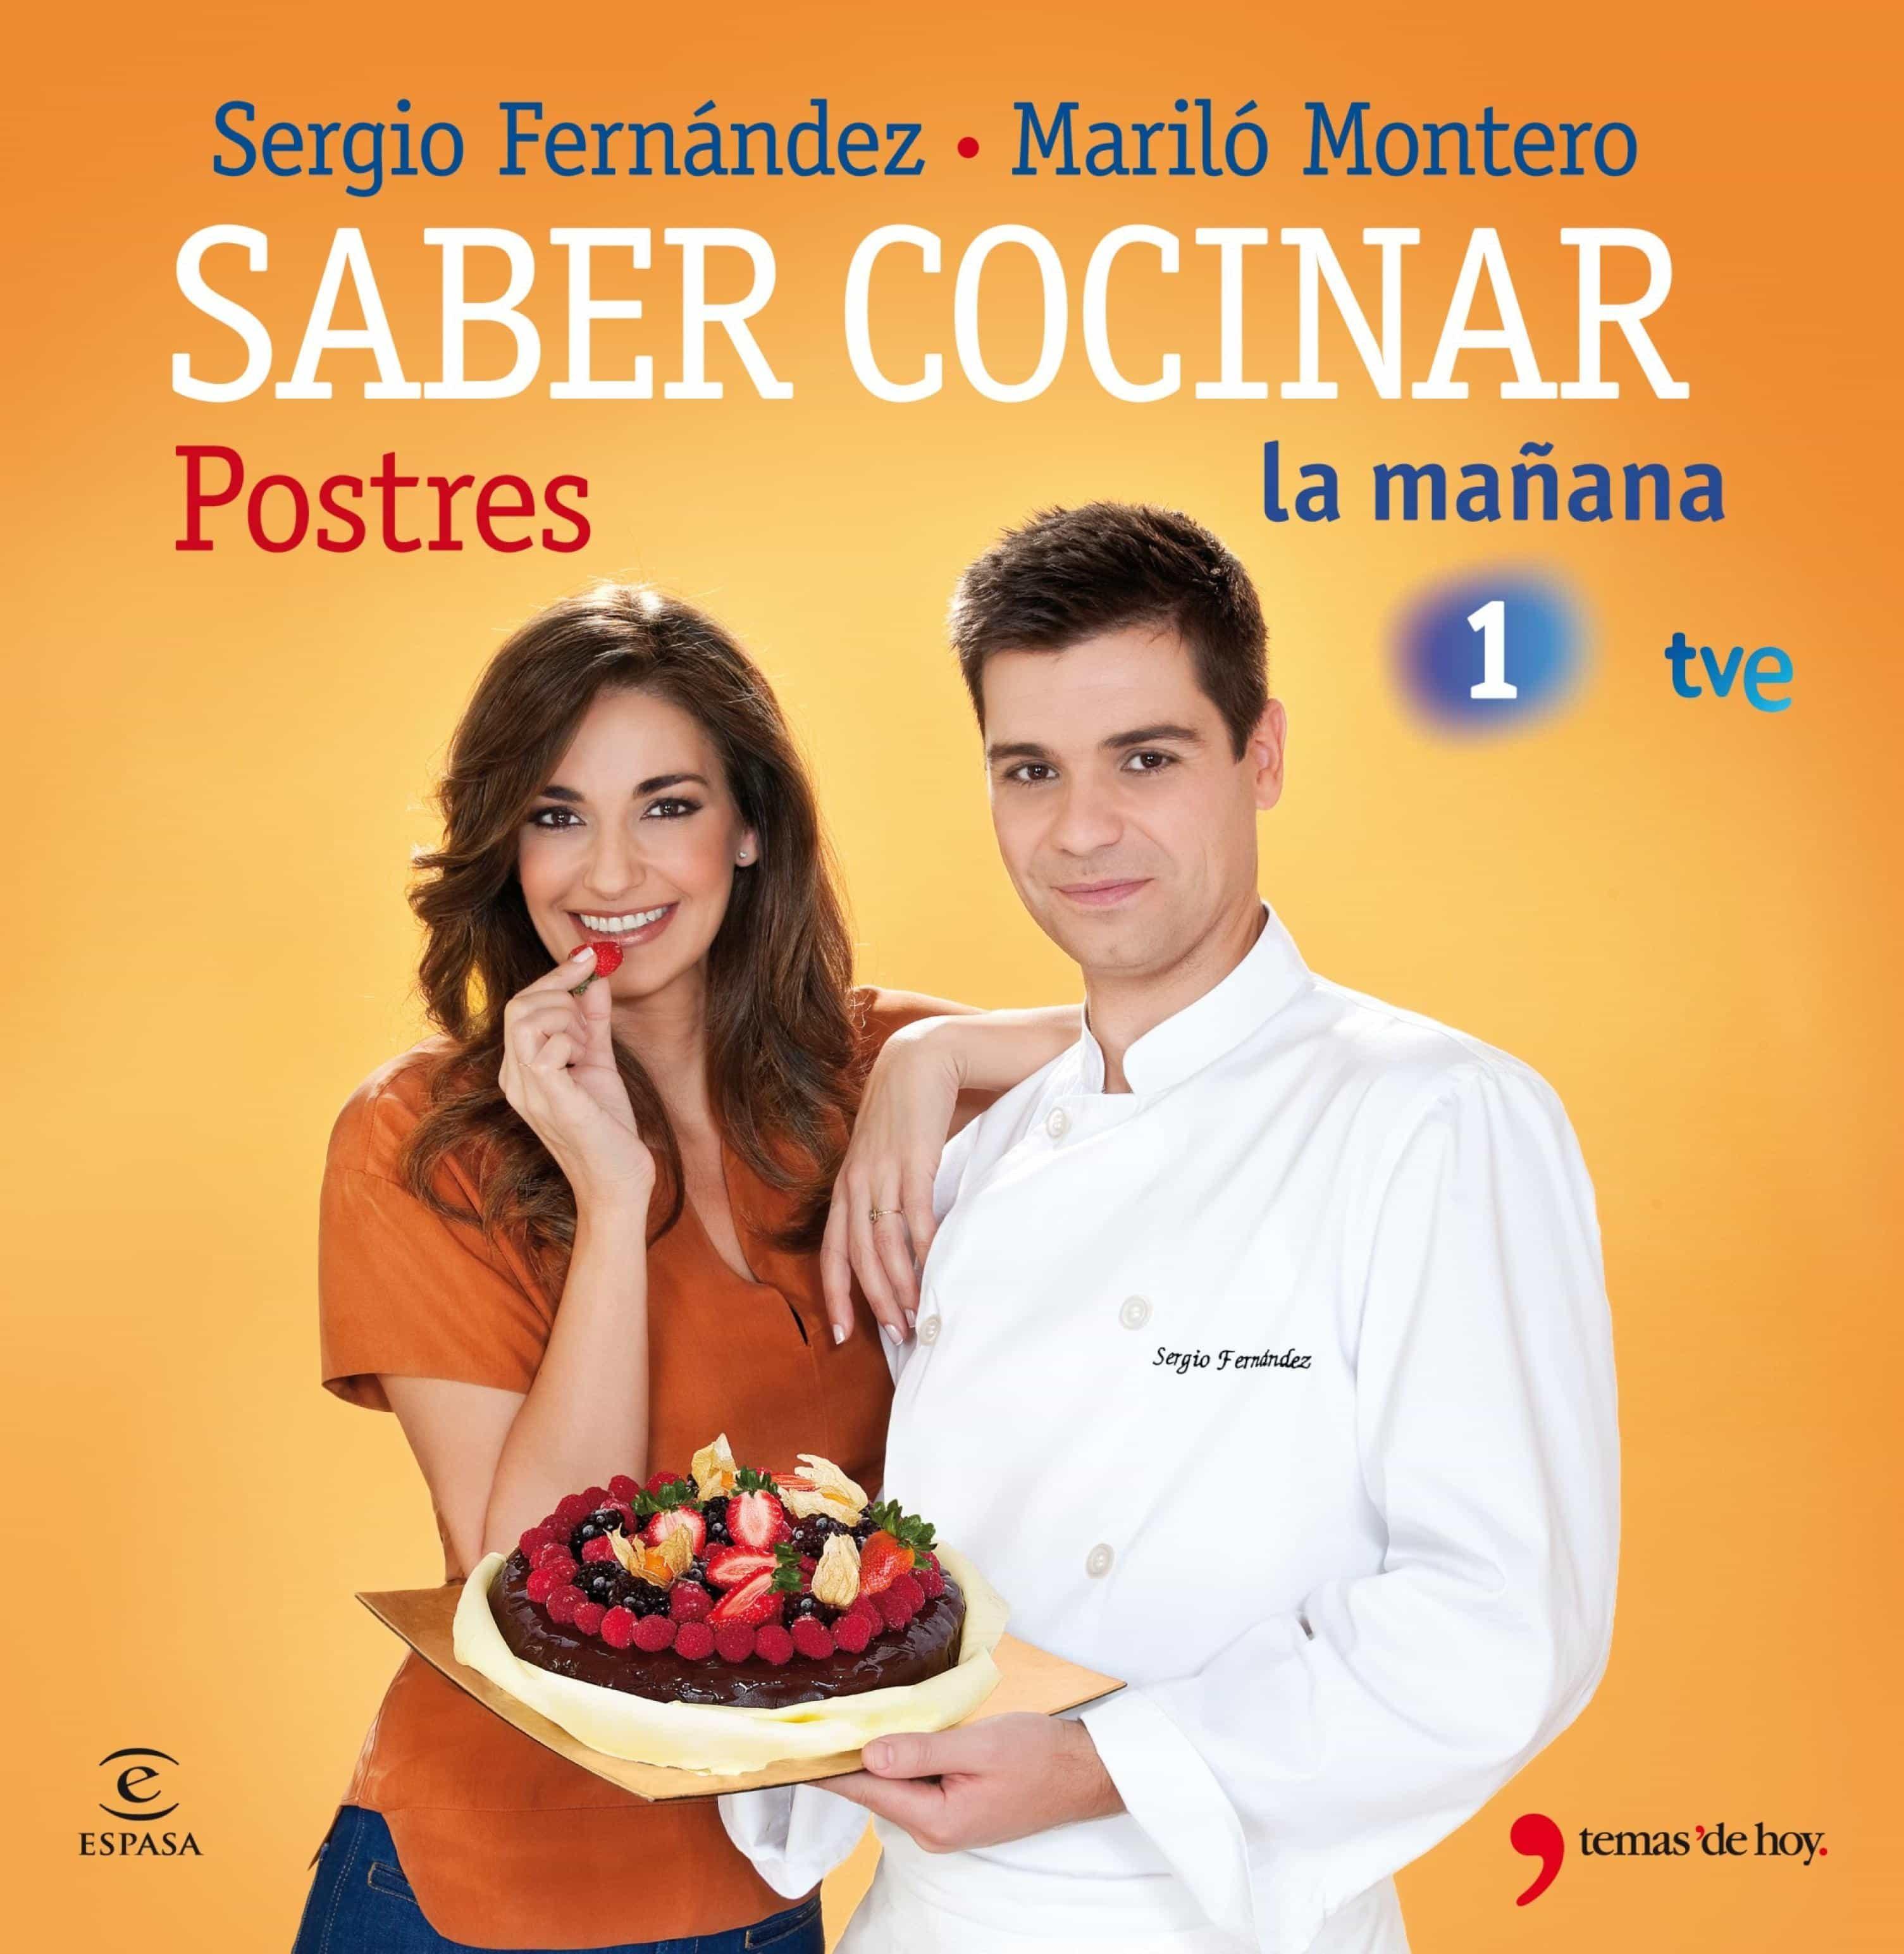 Beautiful Saber Cocinar Postres (ebook) Marilo Montero Sergio Fernandez 9788499983158